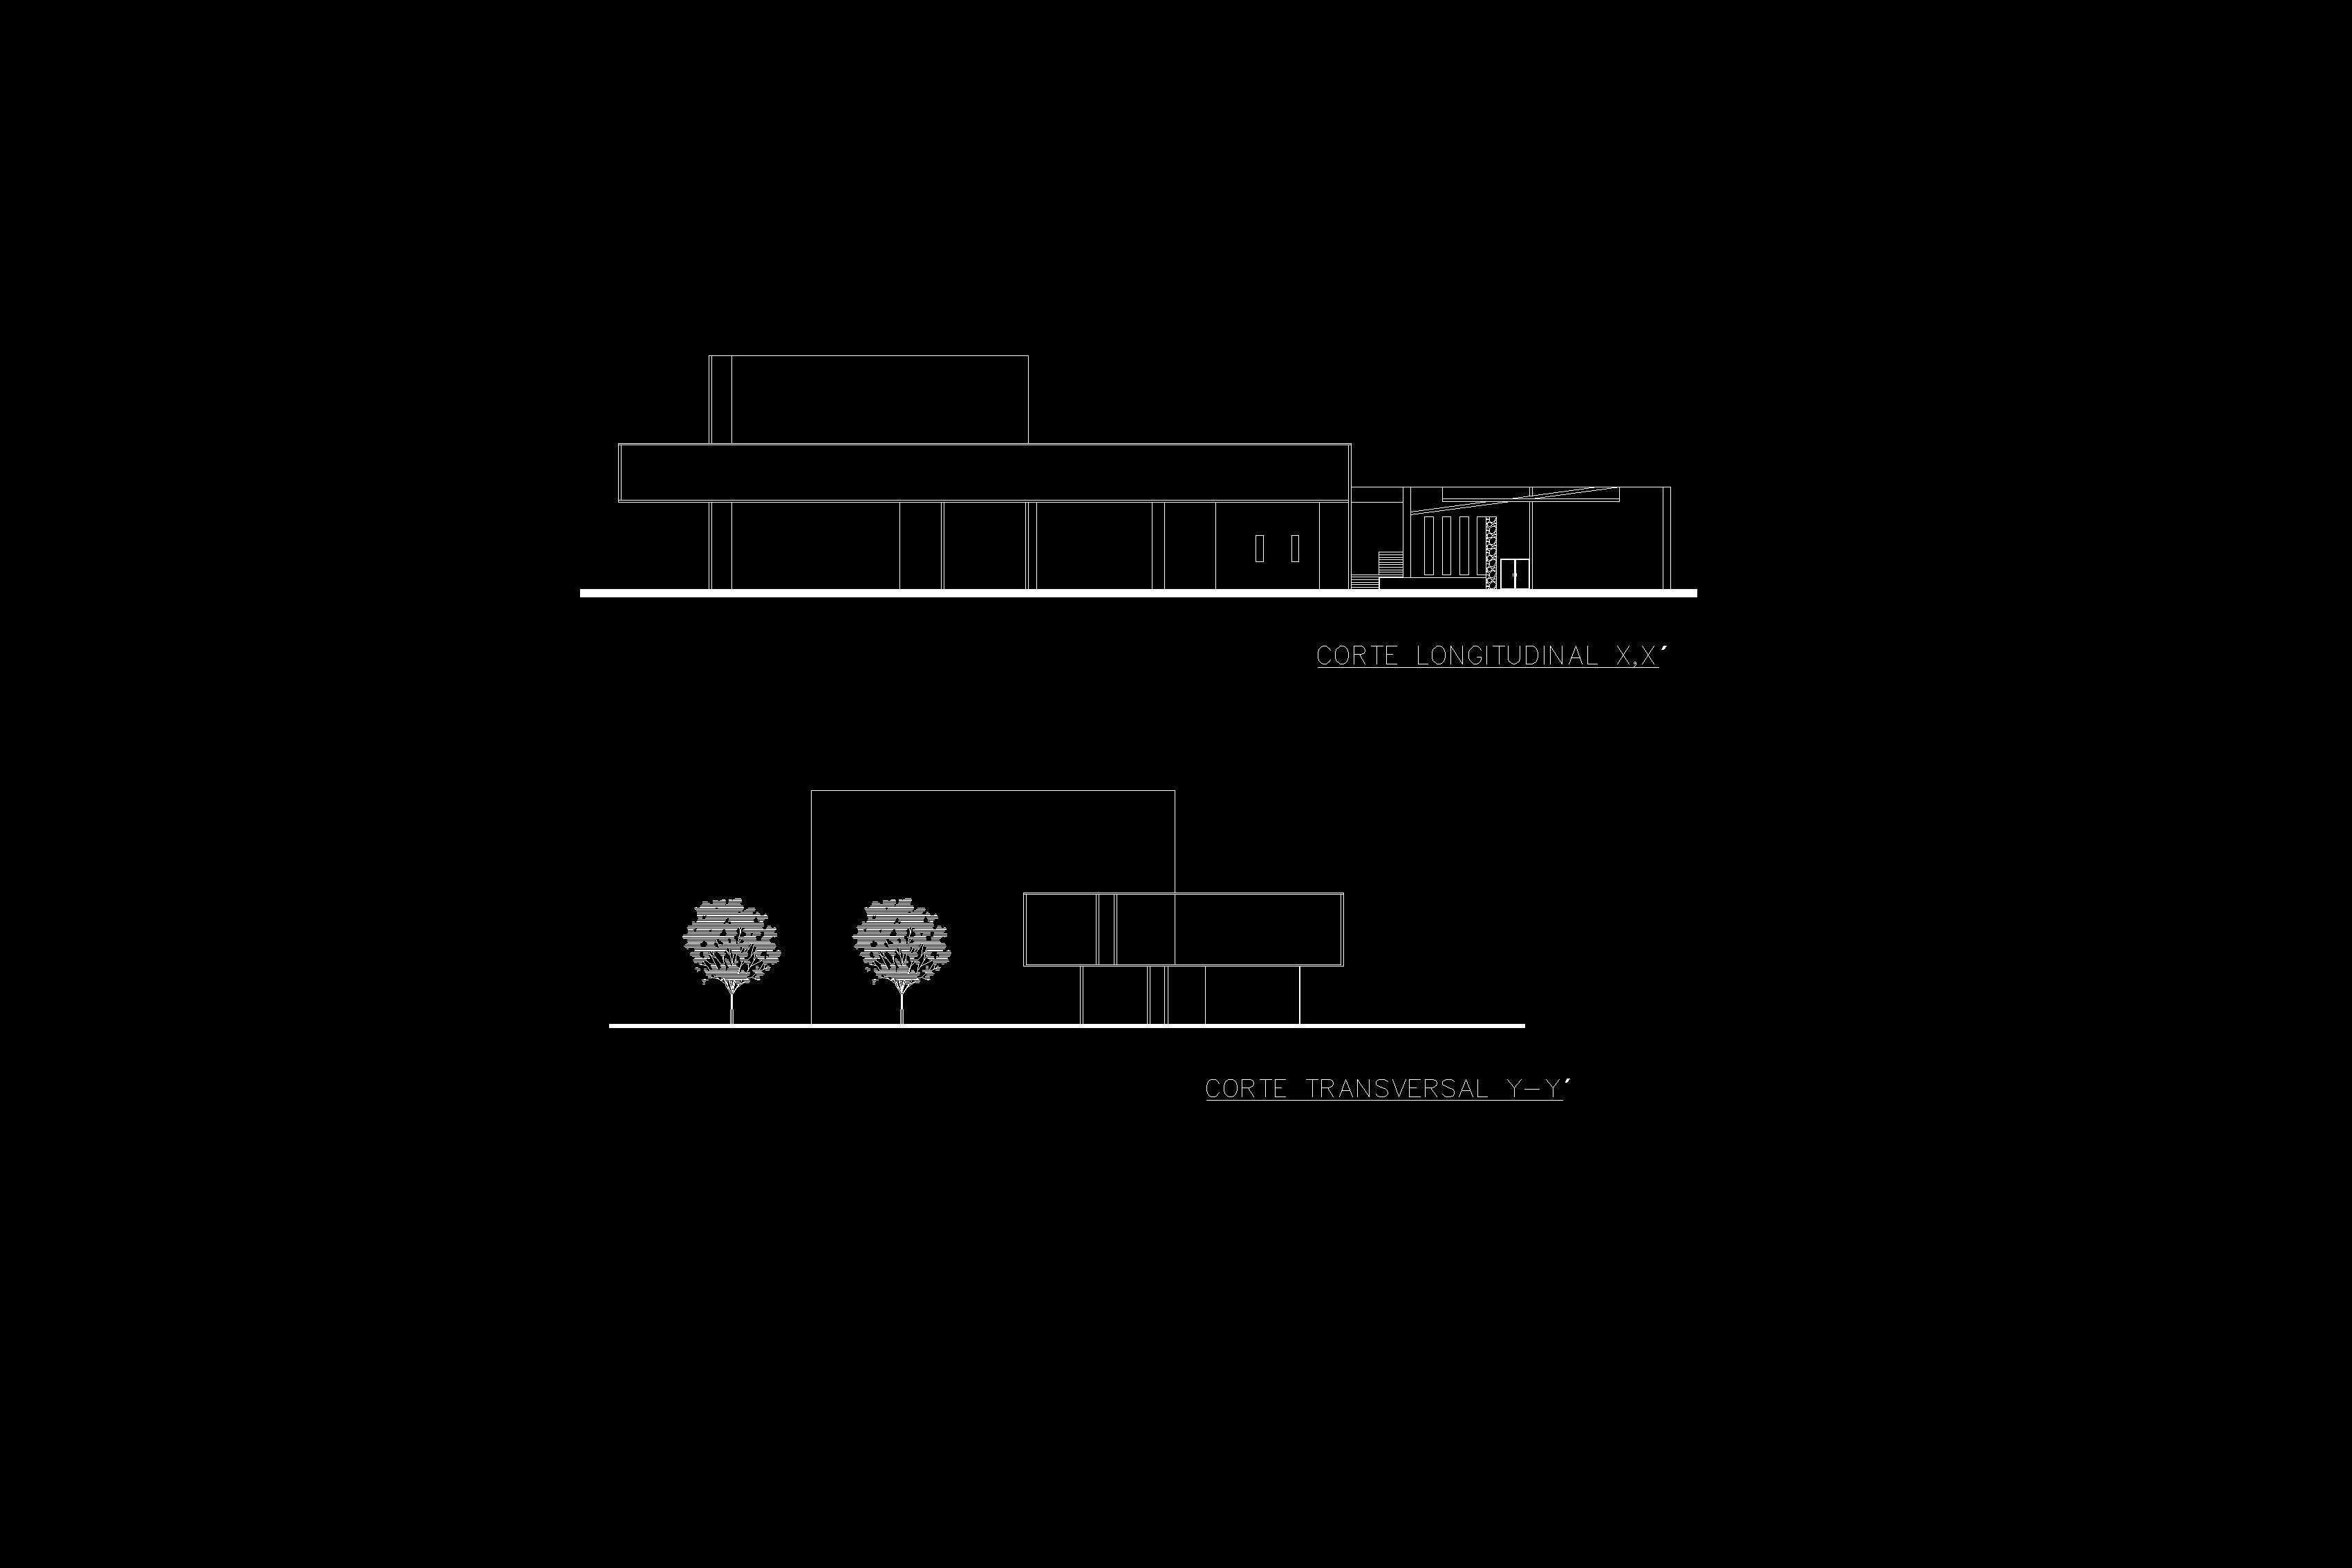 arquitectonico centro cultural